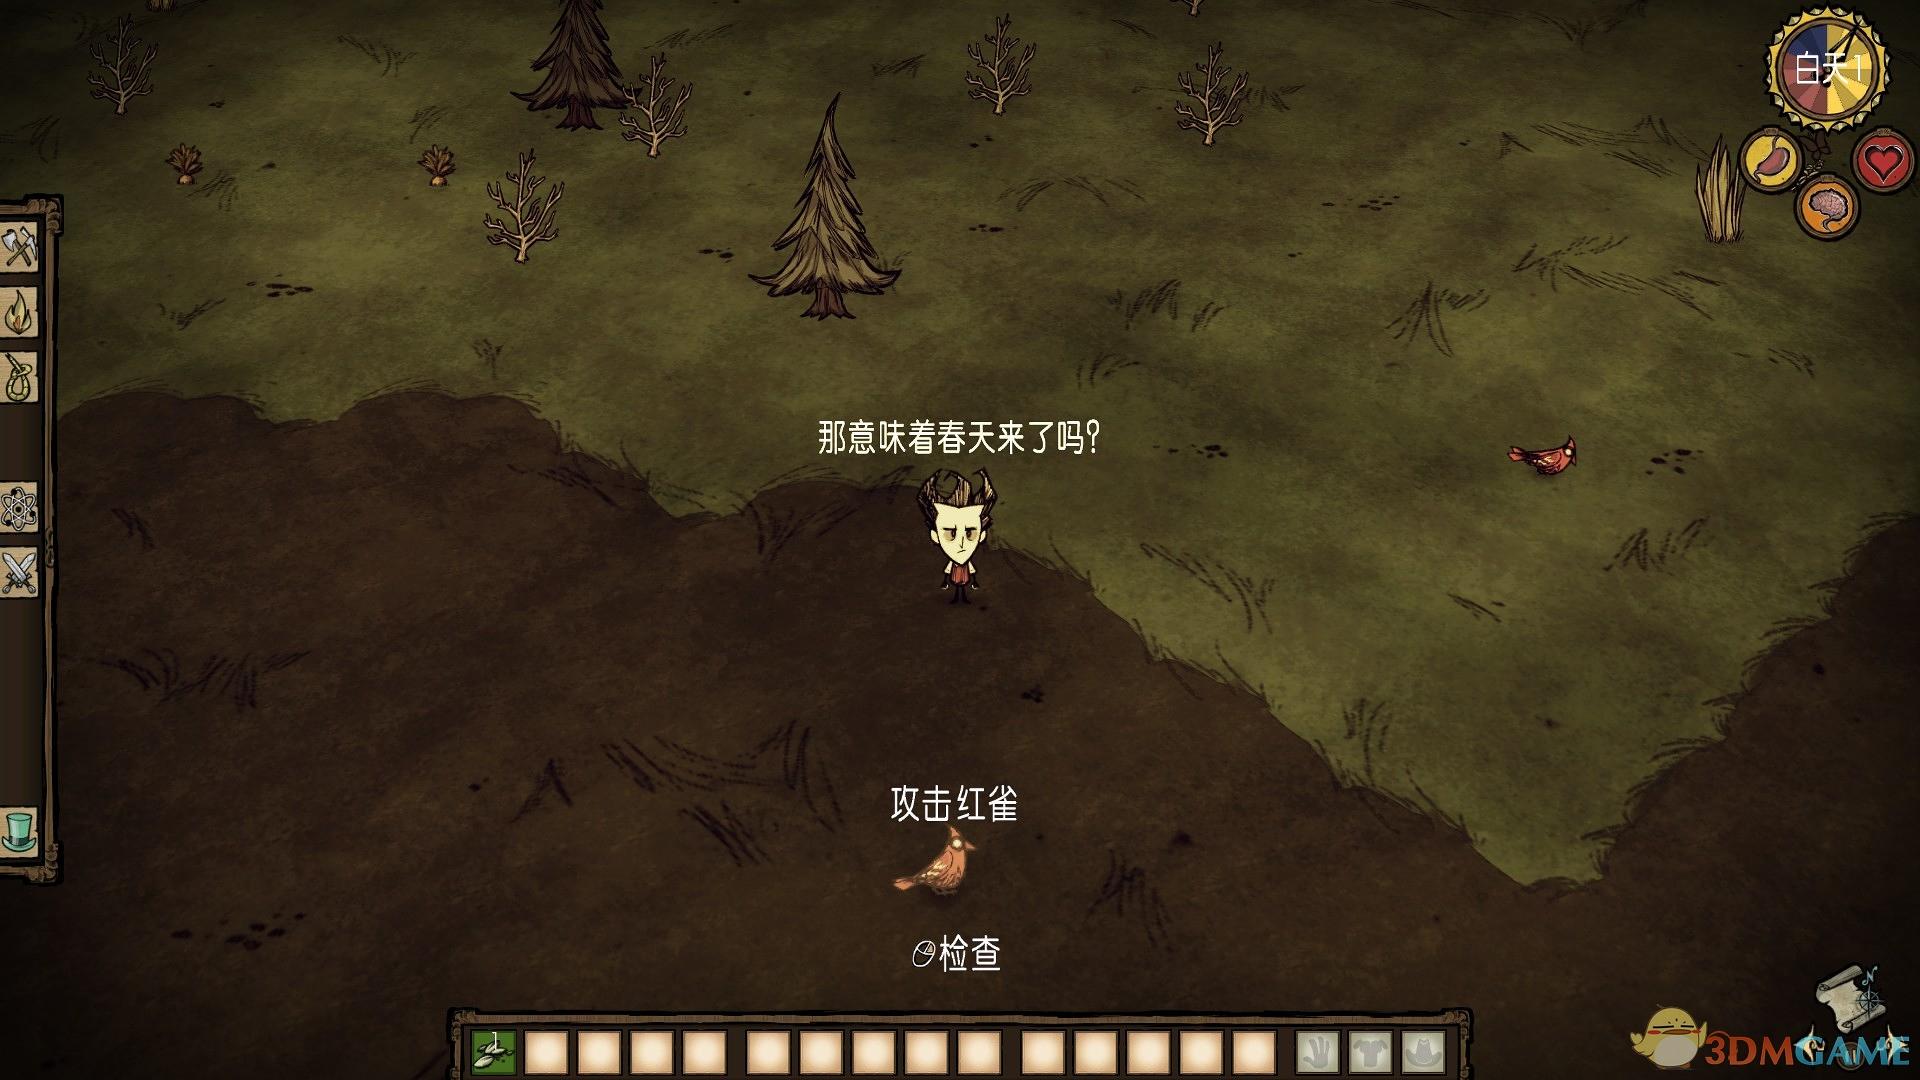 单机 游戏 下载 中文 版